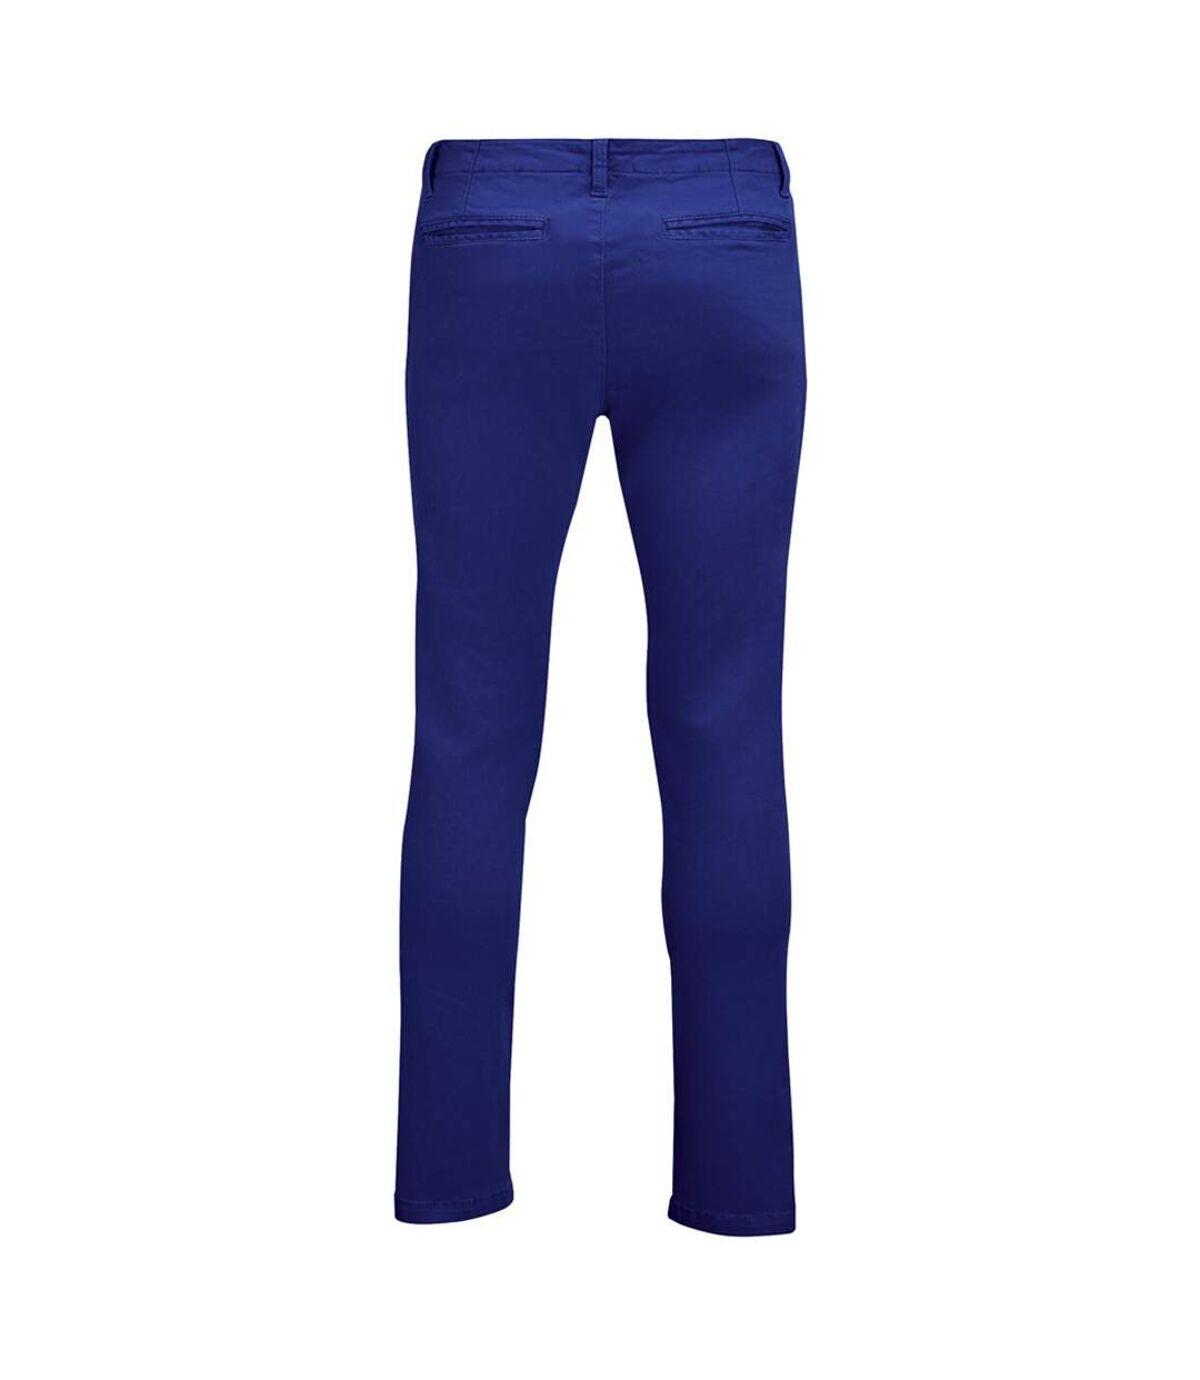 SOLS - Pantalon JULES - Homme (Bleu) - UTPC2576